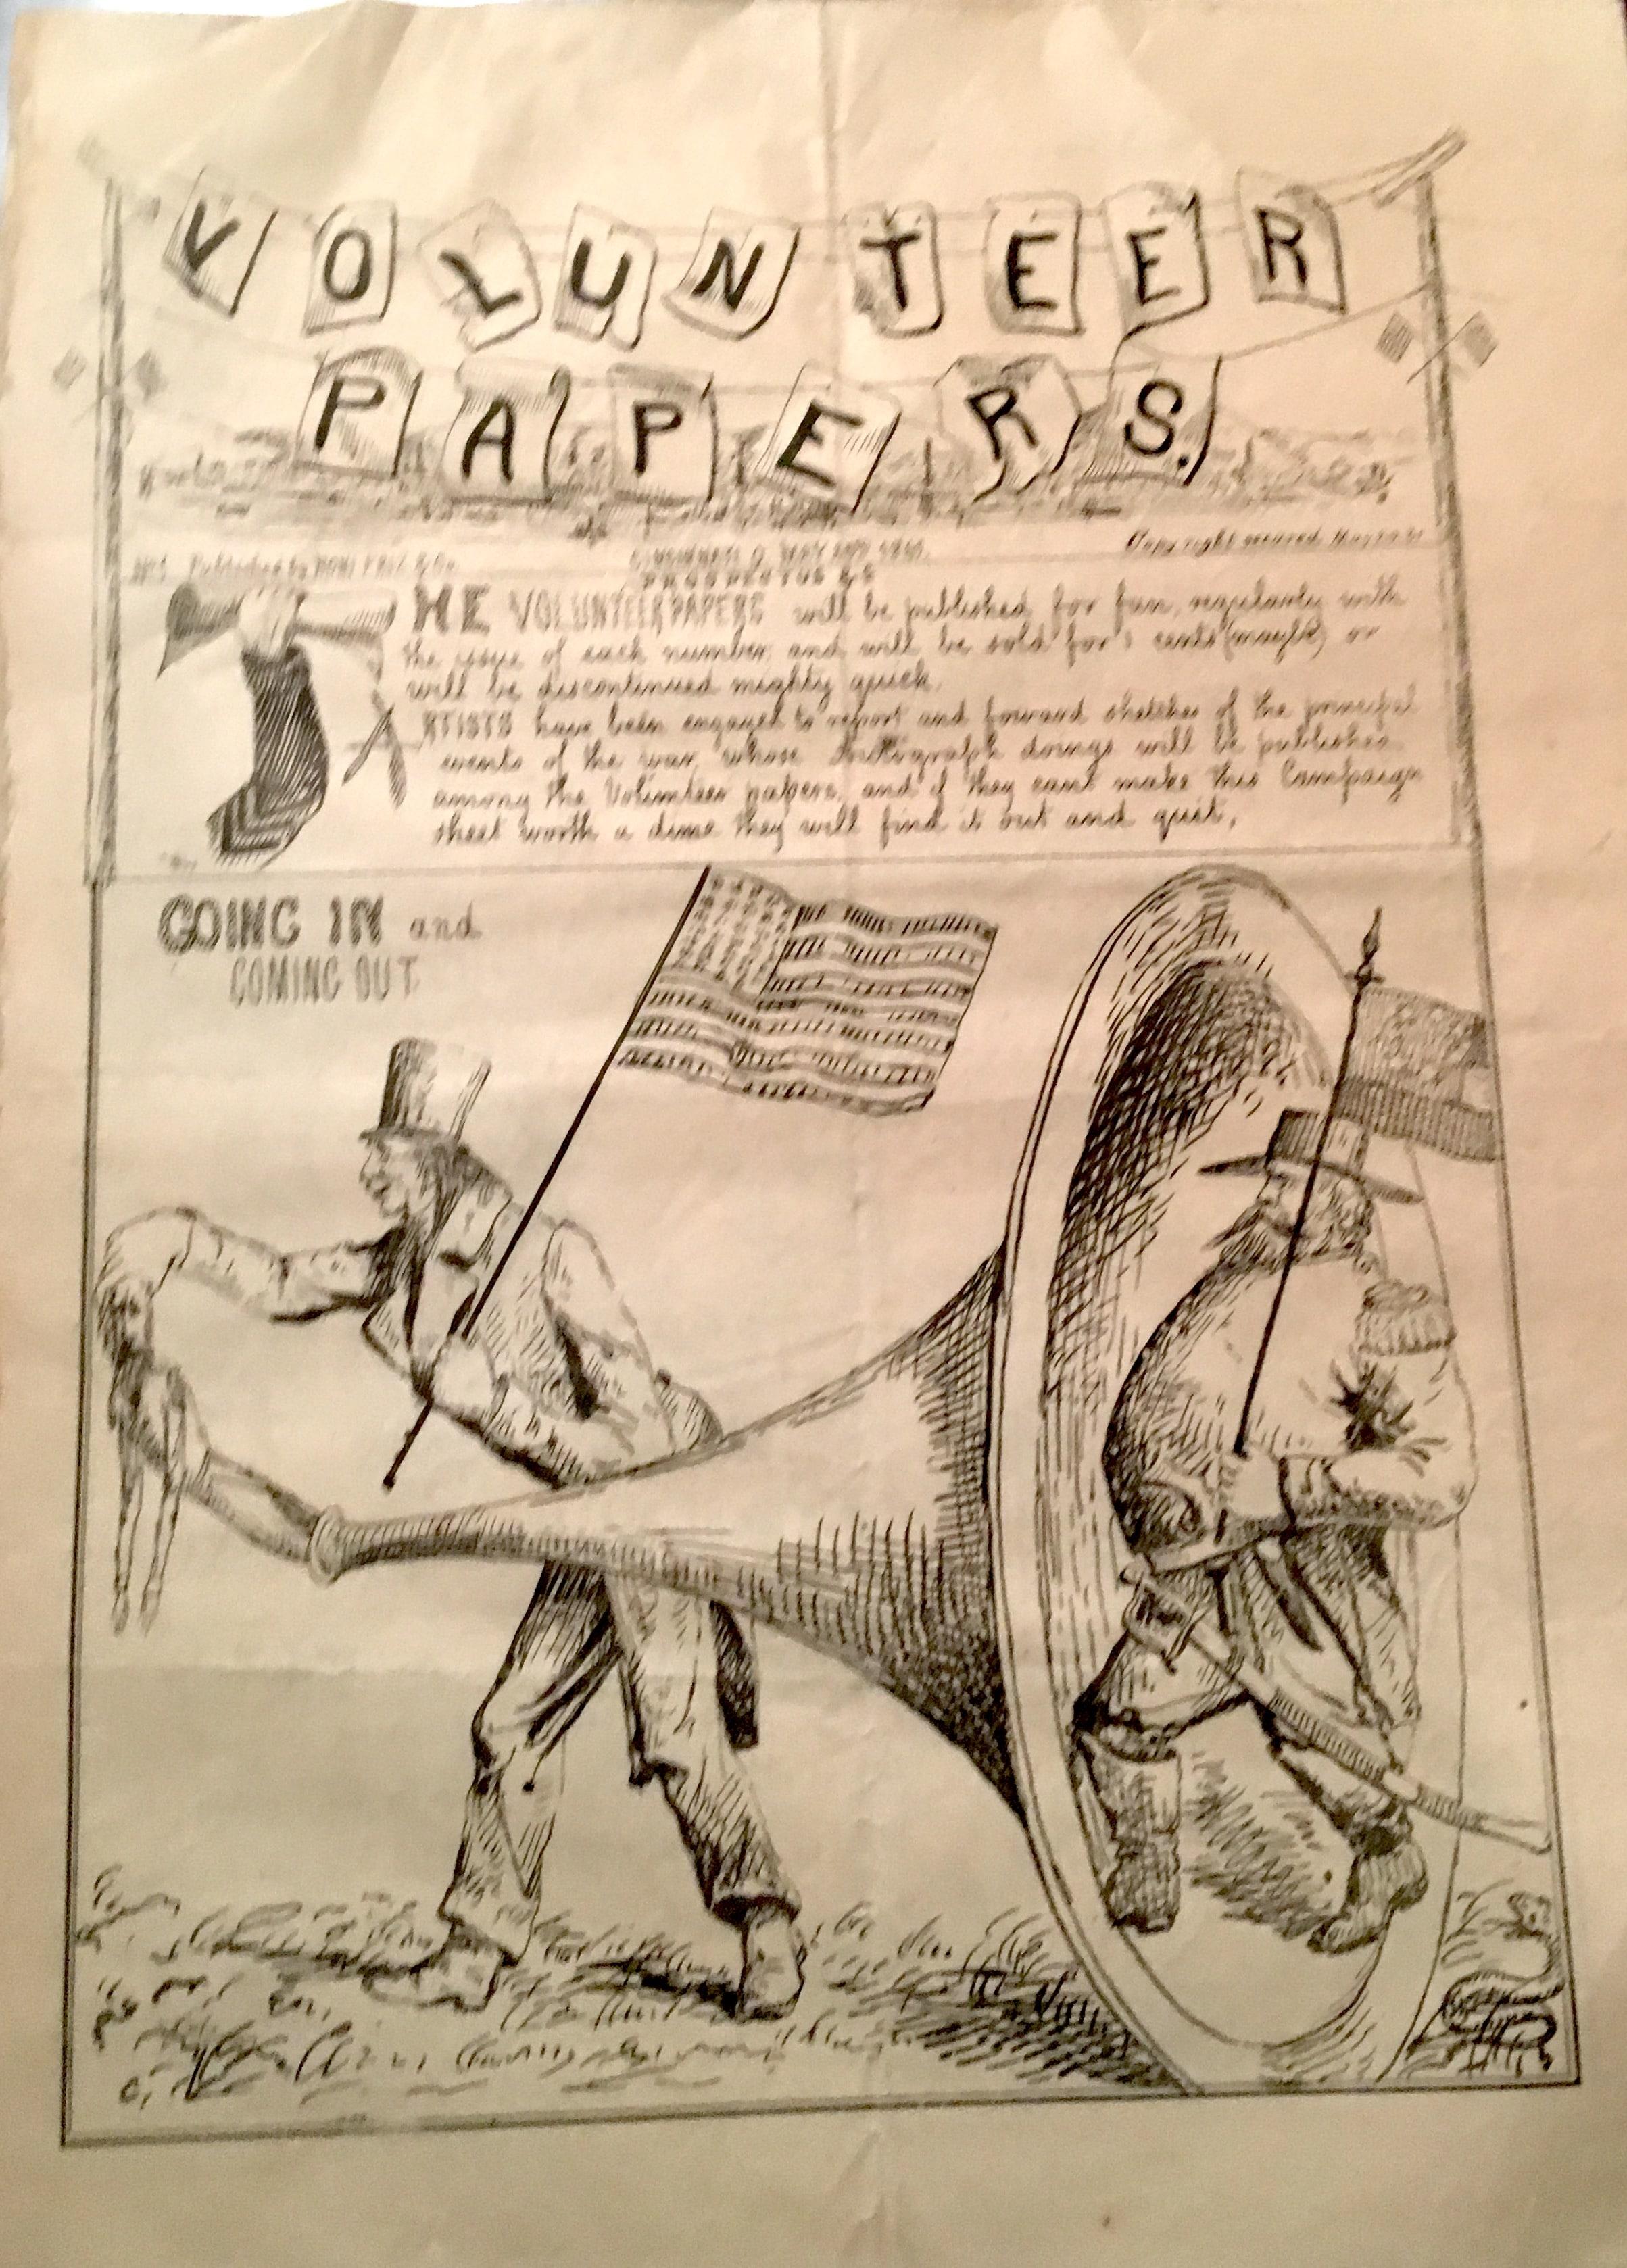 Volunteer Papers